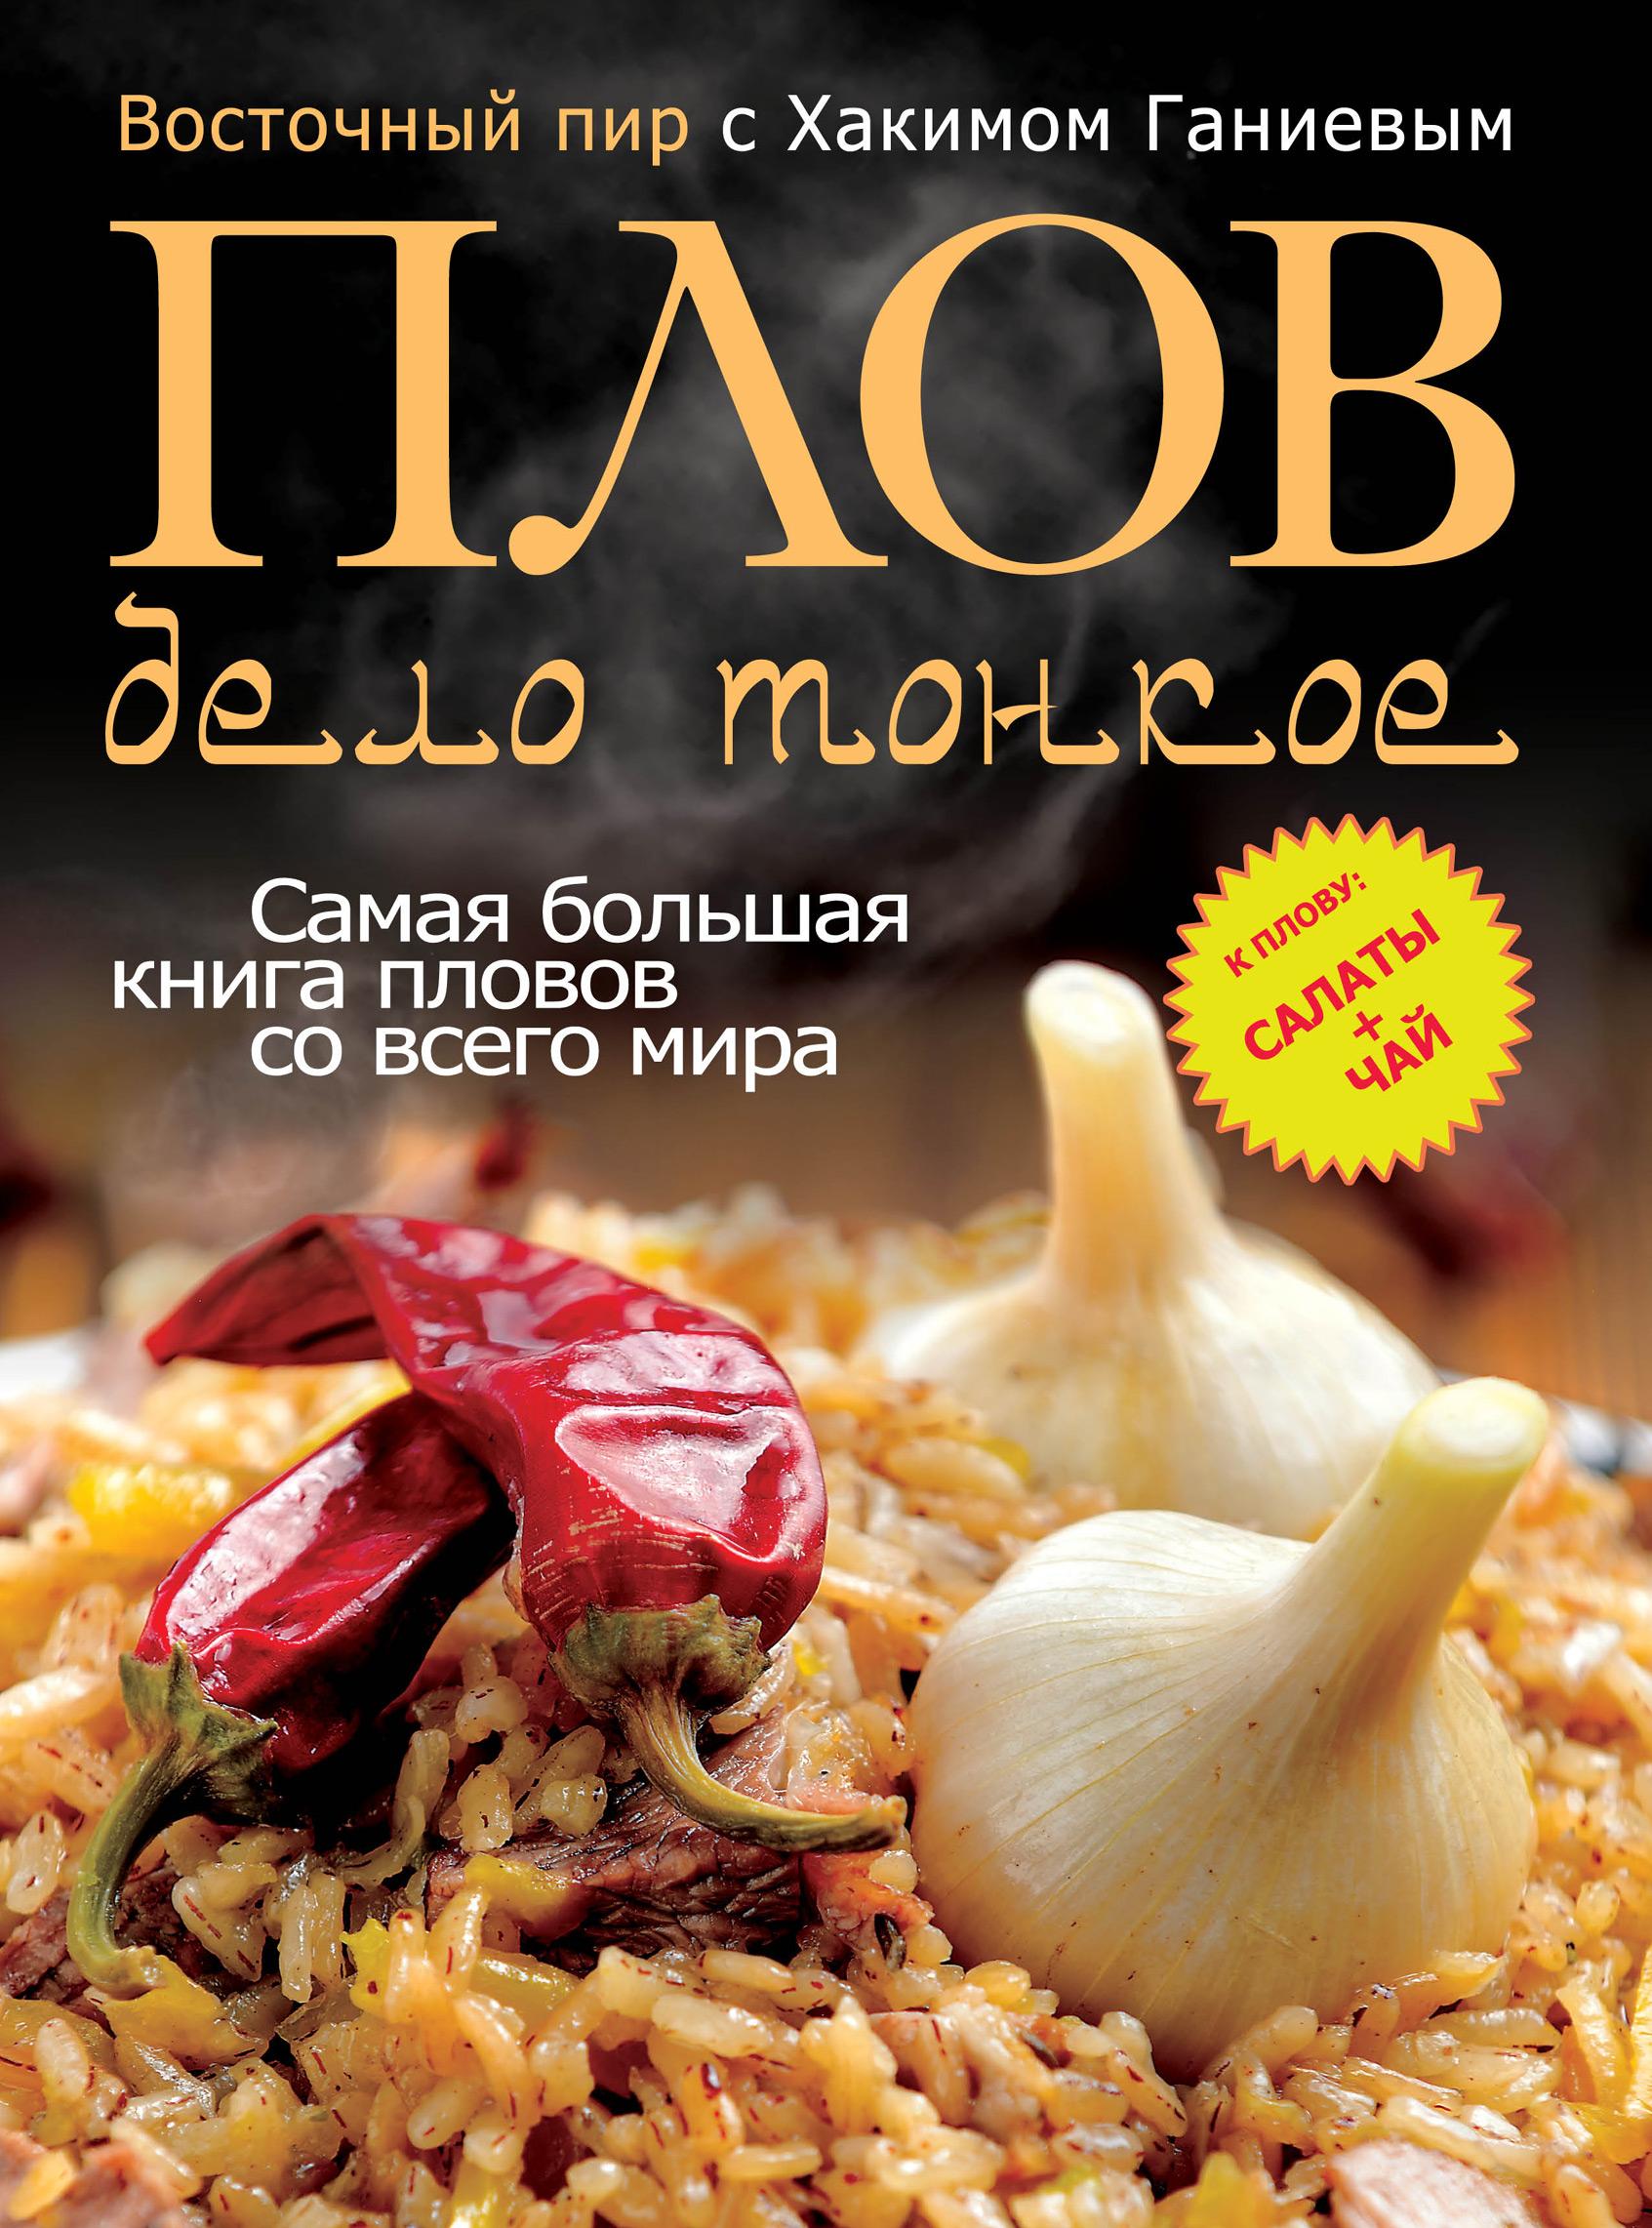 Хаким Ганиев Восточный пир с Хакимом Ганиевым. Плов – дело тонкое ганиев х узбекская кухня восточный пир с хакимом ганиевым